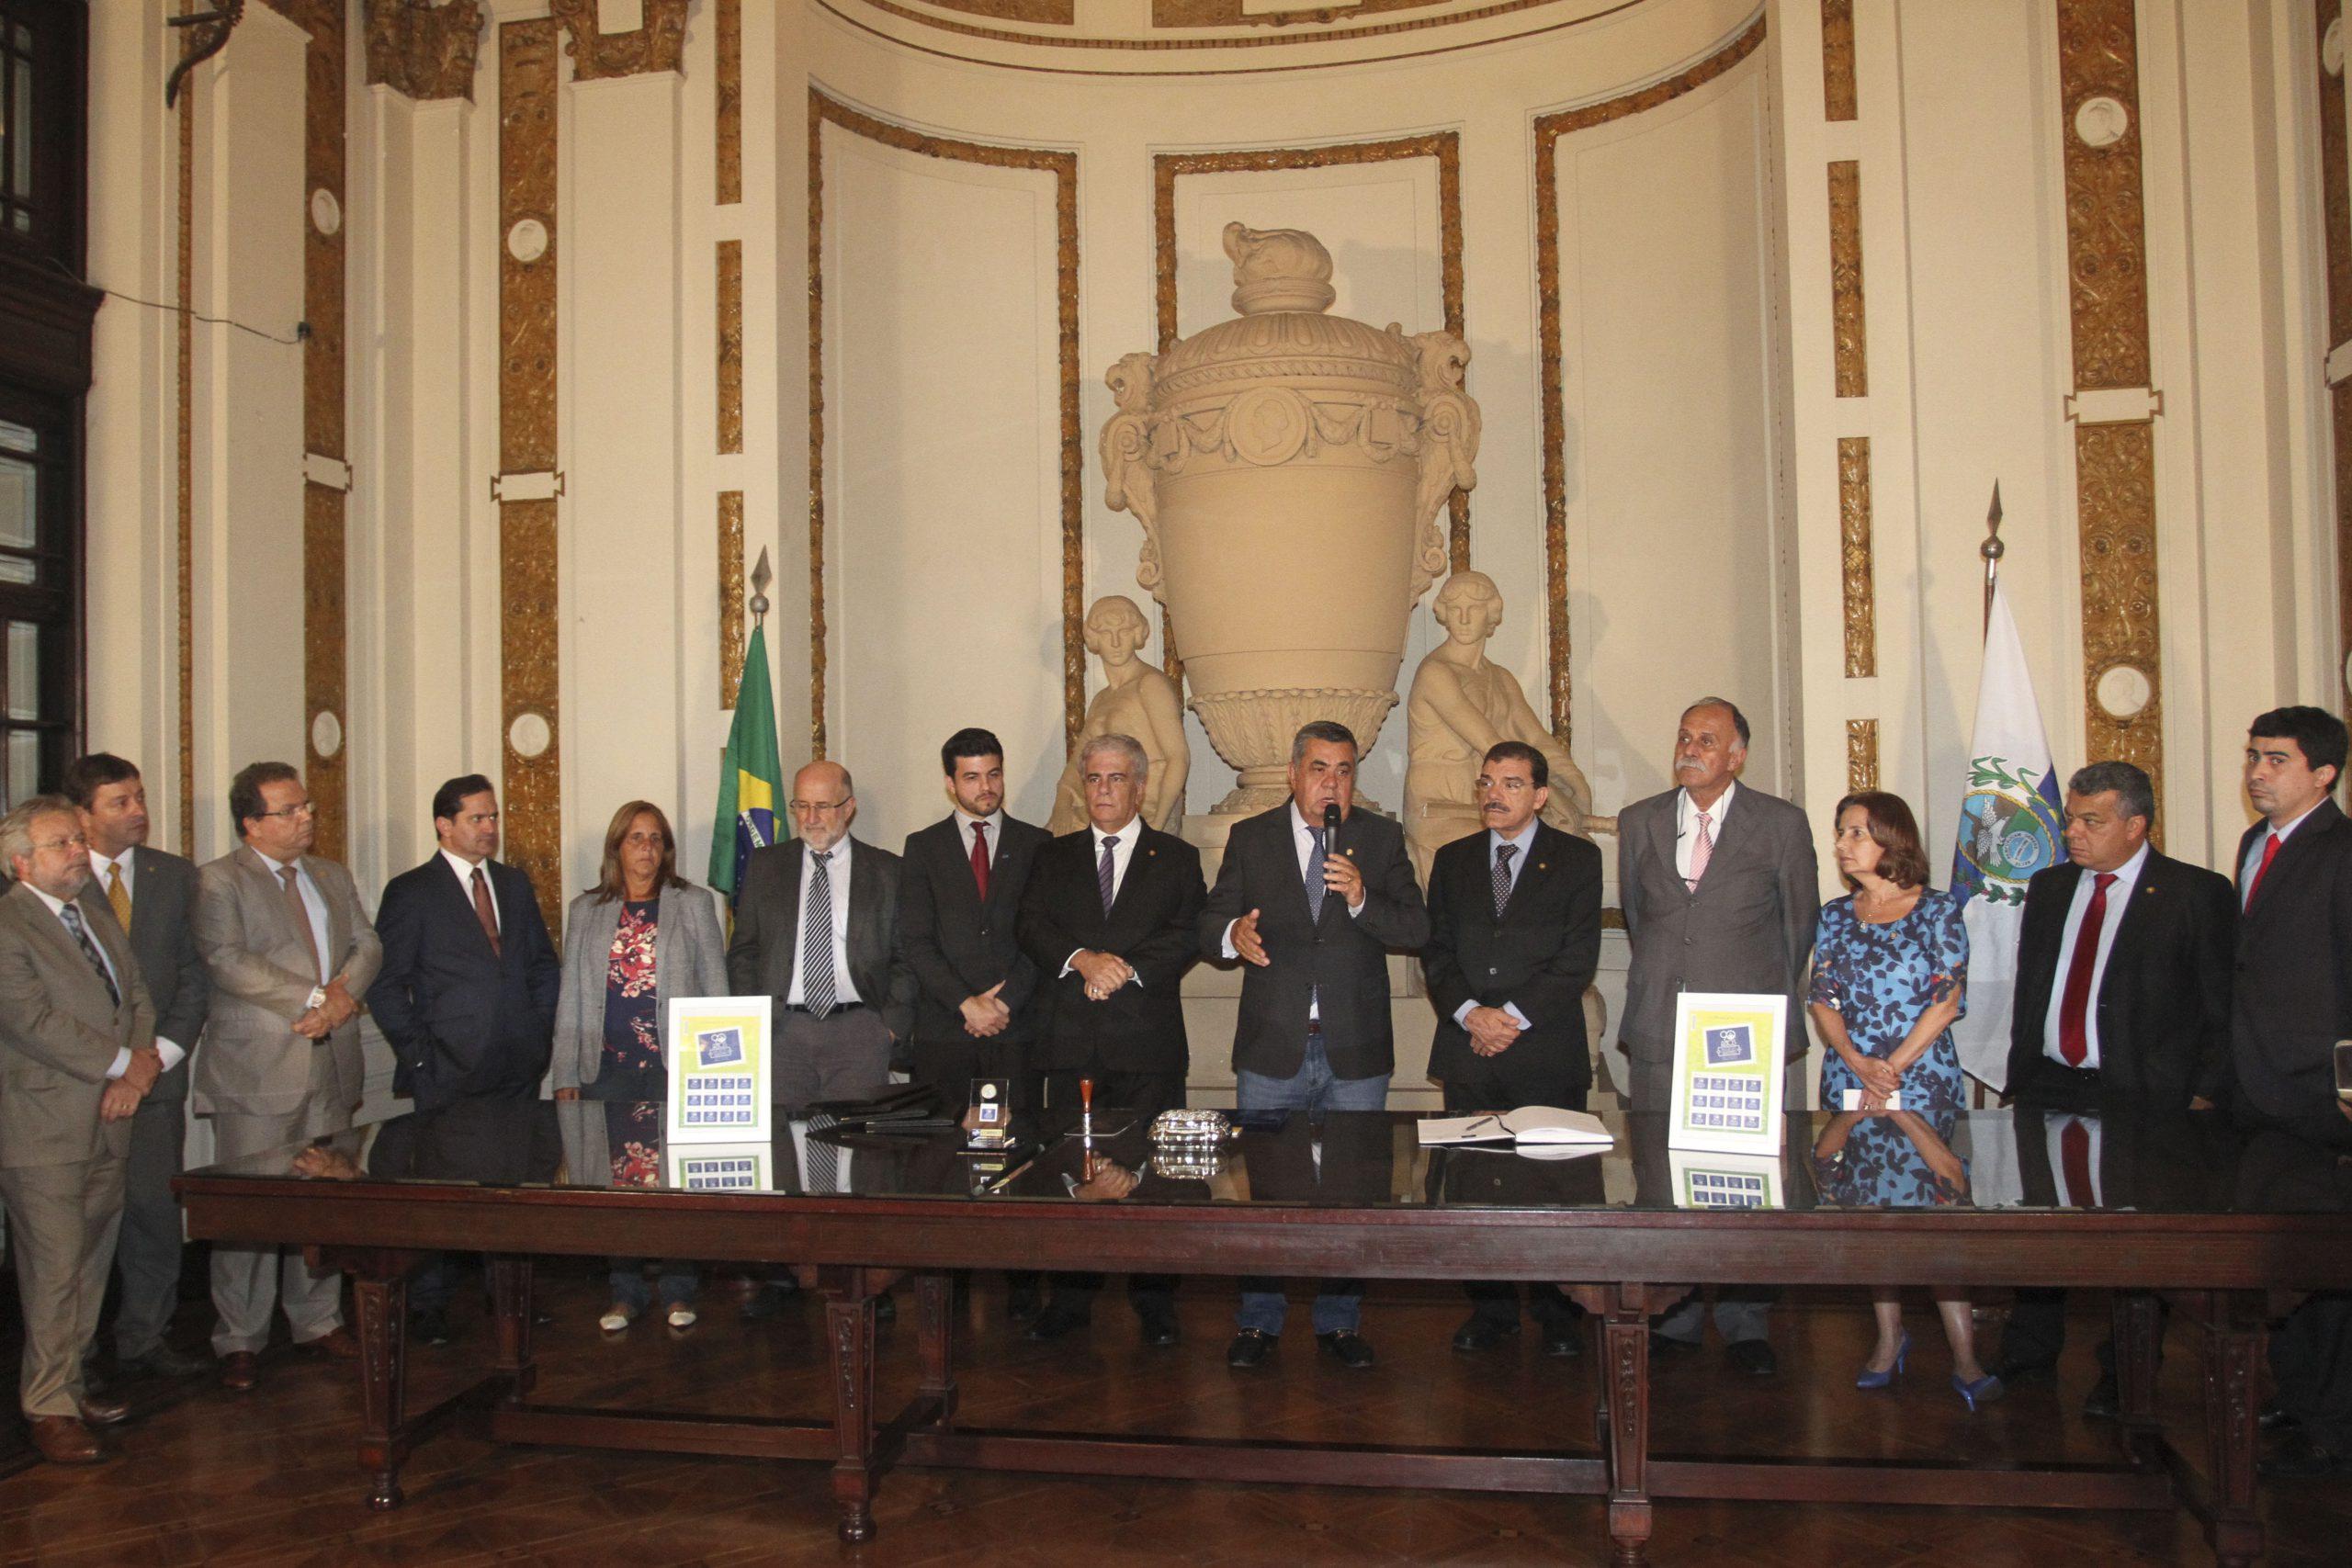 CORREIOS LANÇAM SELO E CARIMBO COMEMORATIVOS DOS 90 ANOS DO PALÁCIO TIRADENTES